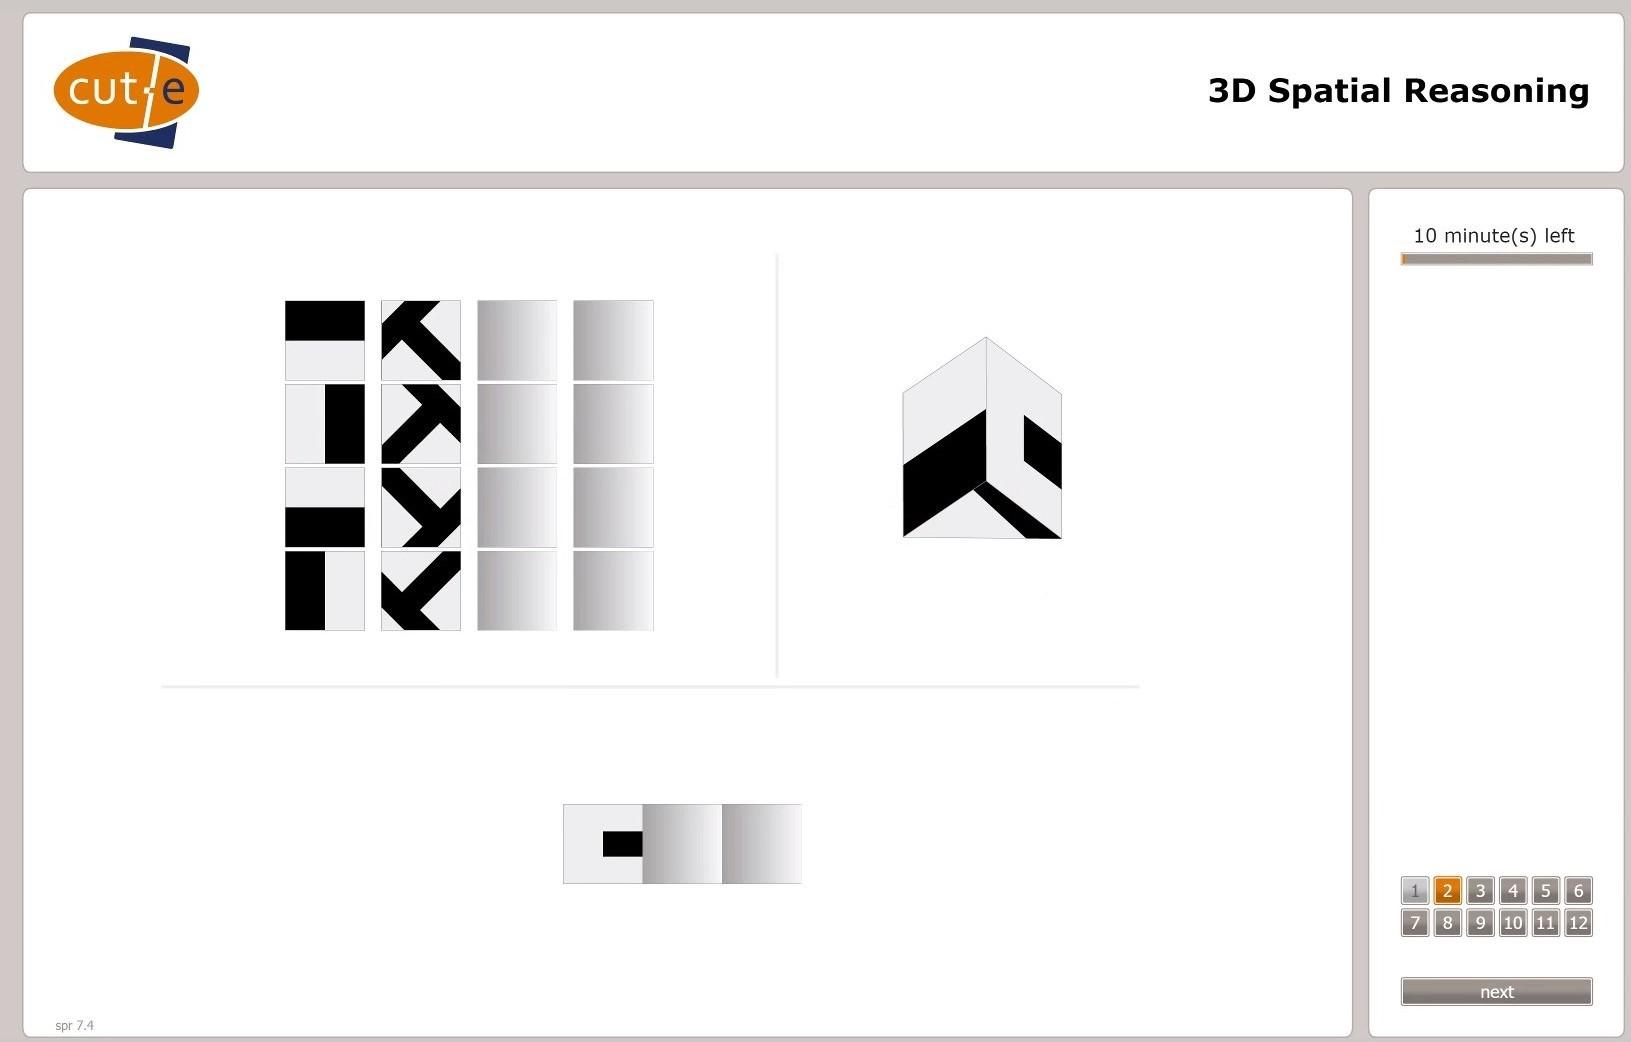 Exemple de test de raisonnement spatial 3D de cut-e